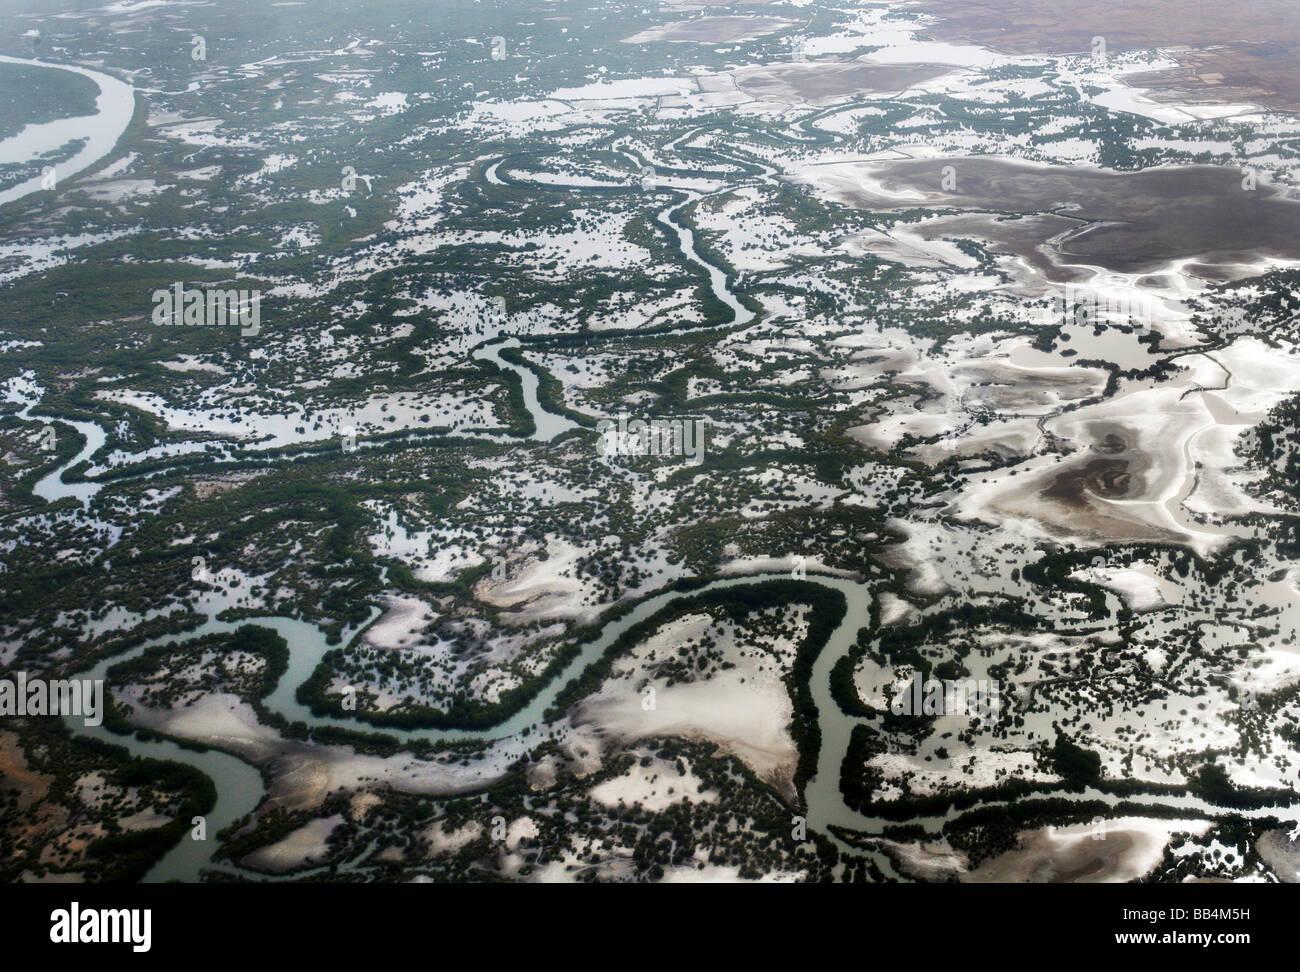 Vue aérienne du delta du fleuve Casamance près de Ziguinchor, Sénégal Photo Stock